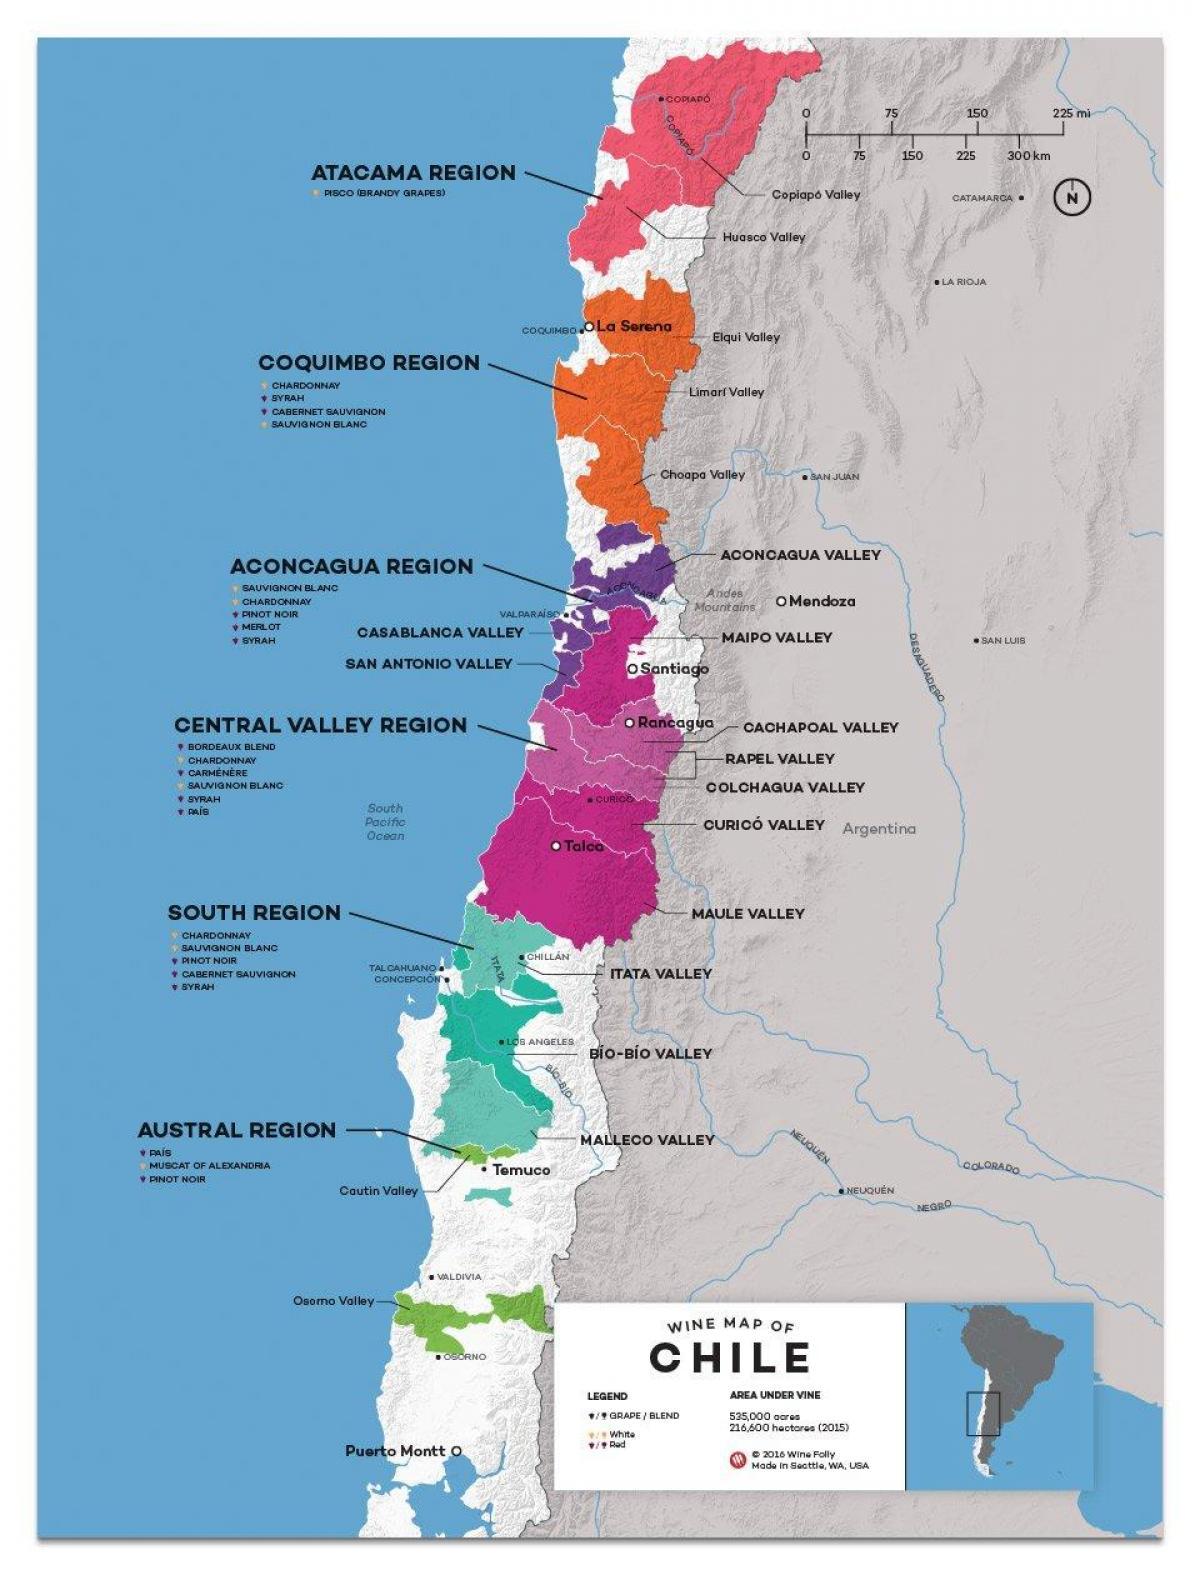 Chilen Viini Kartta Chile Viinin Maan Kartta Etela Amerikka